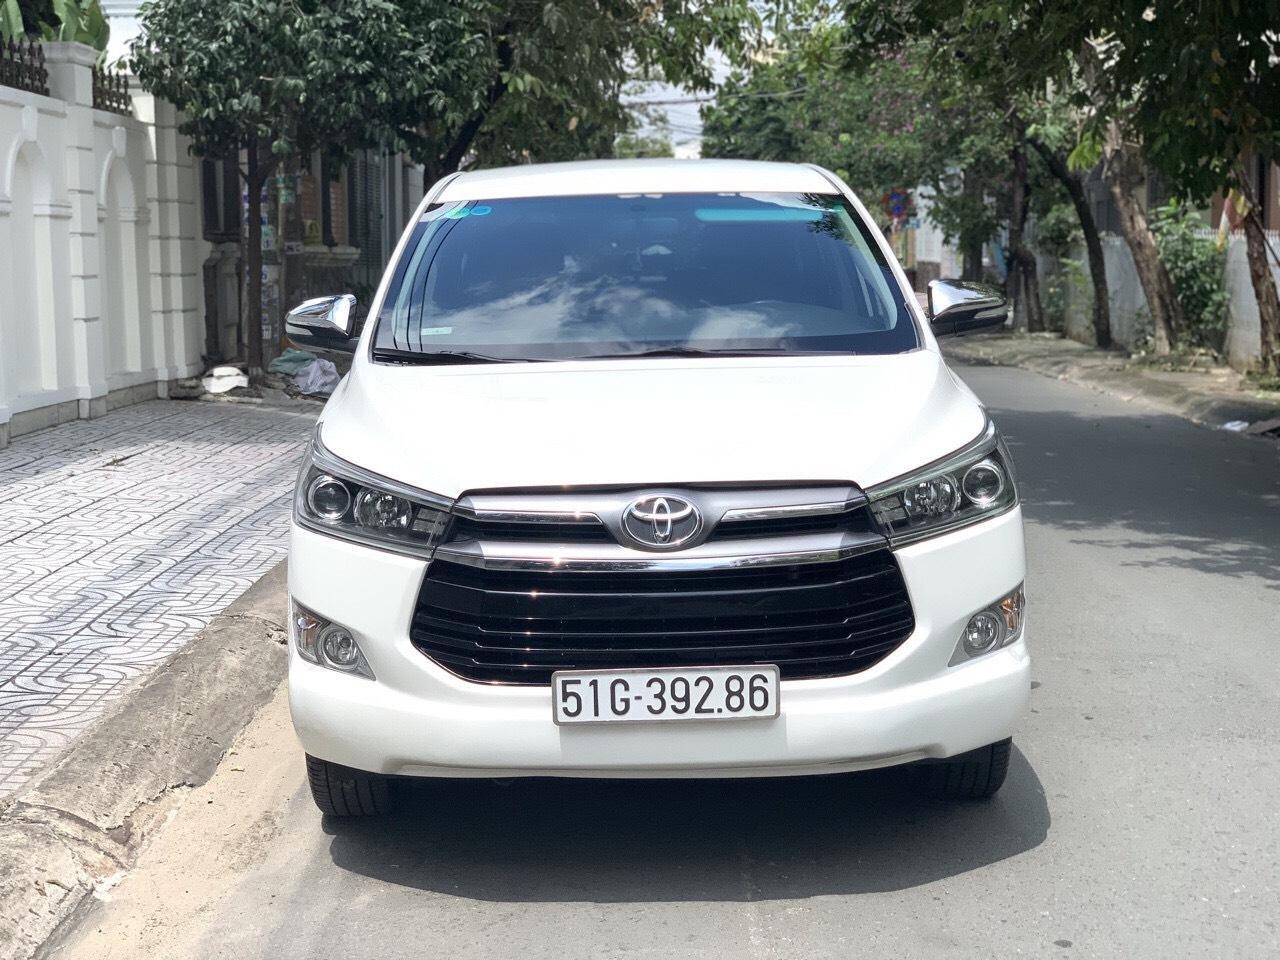 Bán Innova 2.0V sản xuất 2017, xe đẹp đi đúng 30.000km, bao kiểm tra tại hãng Toyota (1)